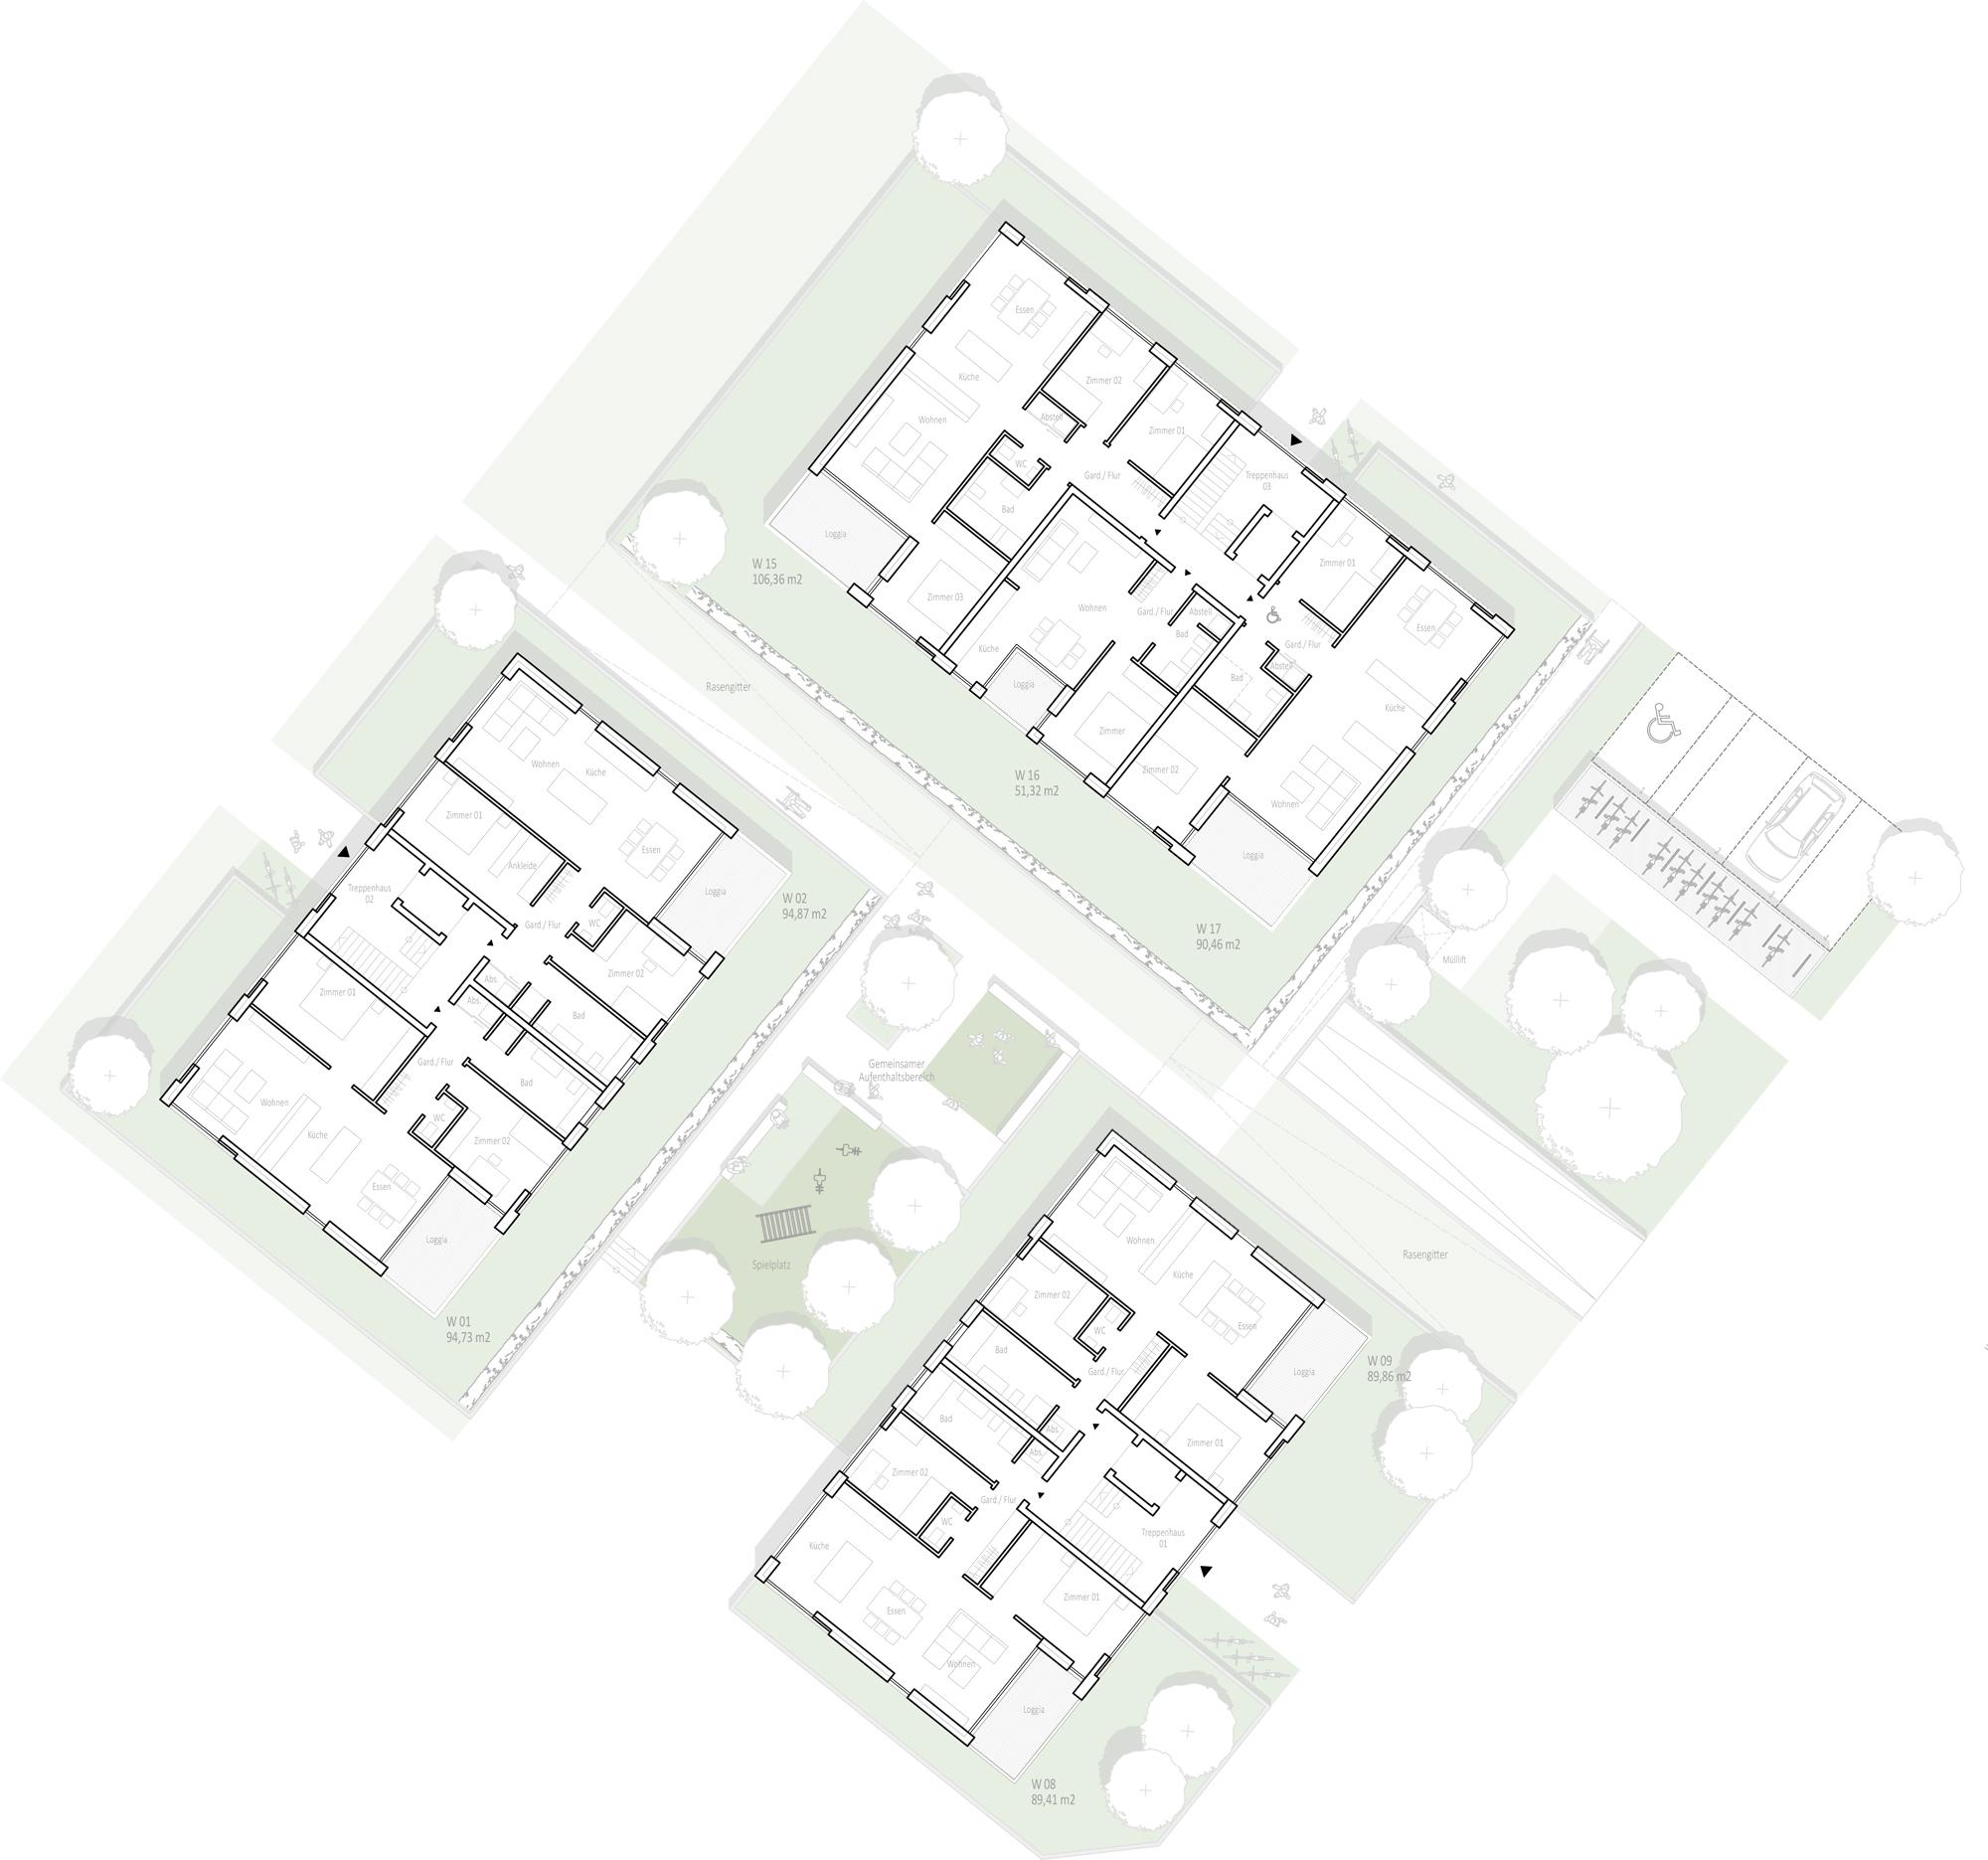 Ergebnis Neubau Von Wohngebauden Und Geschaftsgeb Competitionline